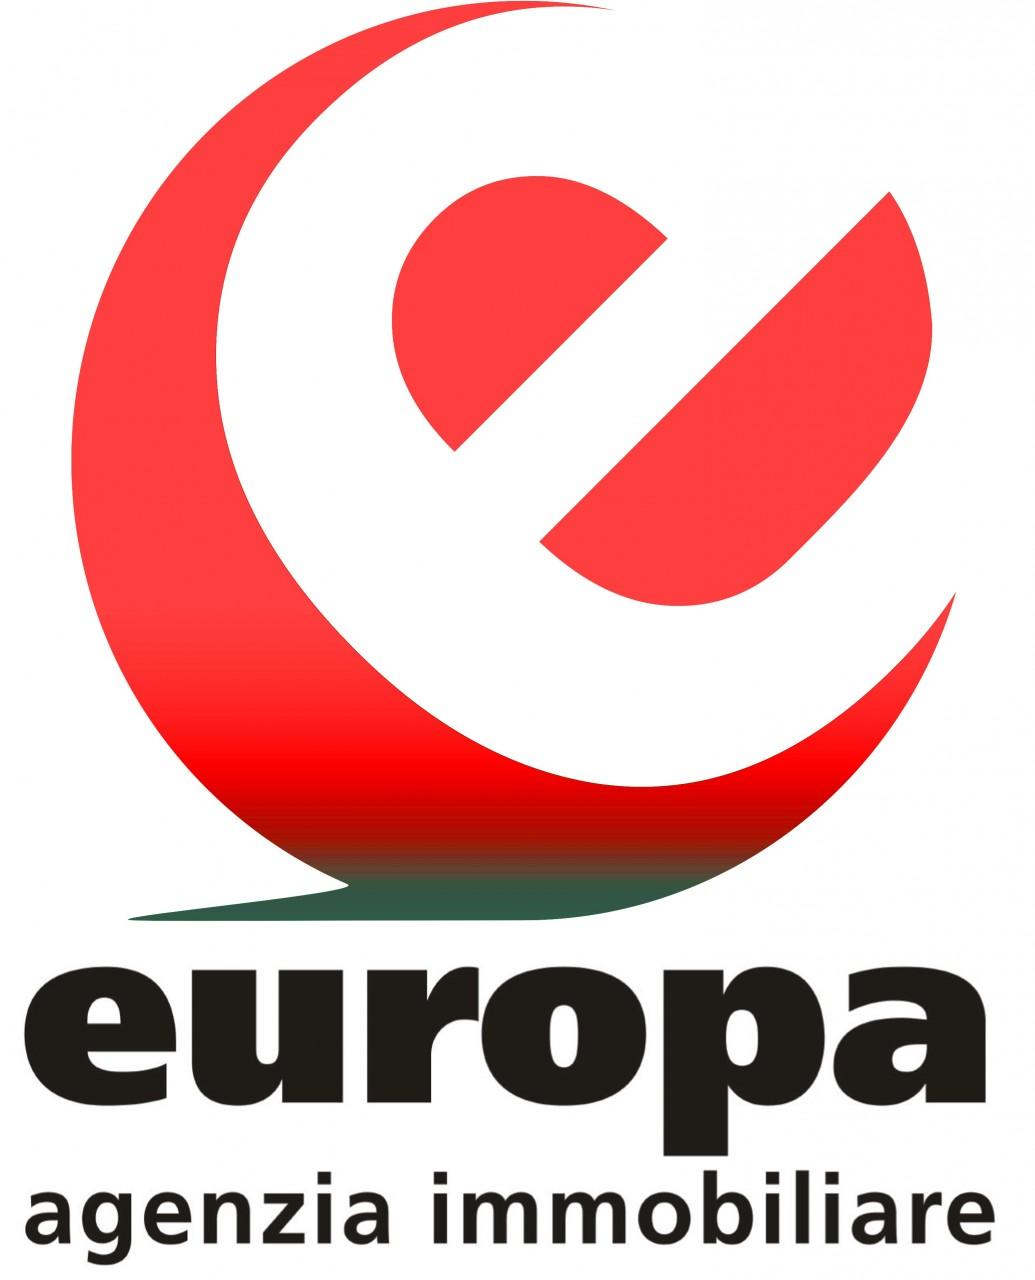 Agenzia Immobiliare Europa s.r.l.